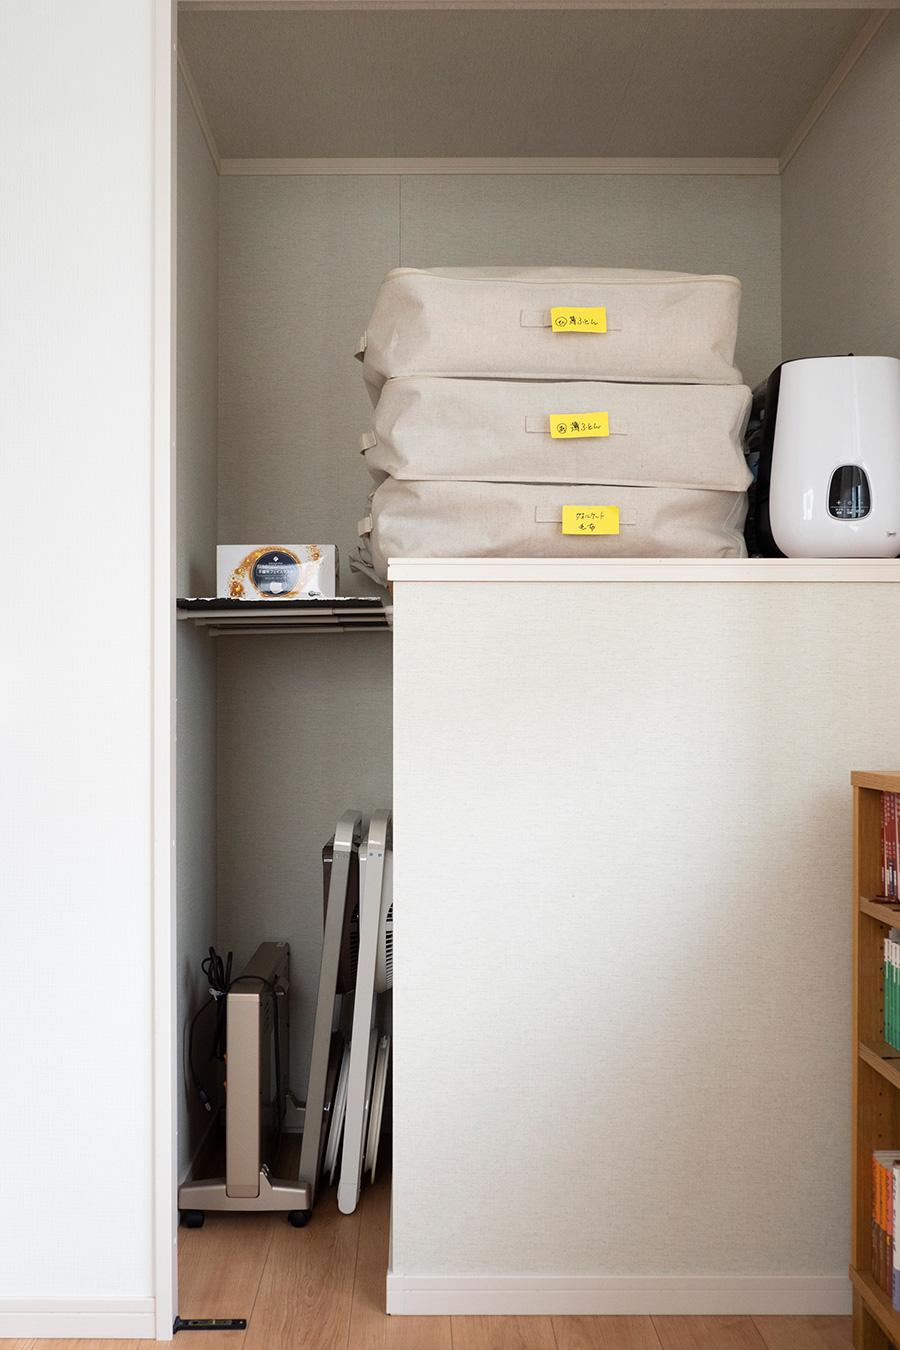 押し入れの扉も外して使用。季節外の家電を収めたスペースの上には突っ張り棒で棚板を渡し、軽めのものを載せている。布団などは無印良品の収納ケースに入れ、分りにくい場合のみラベリング。